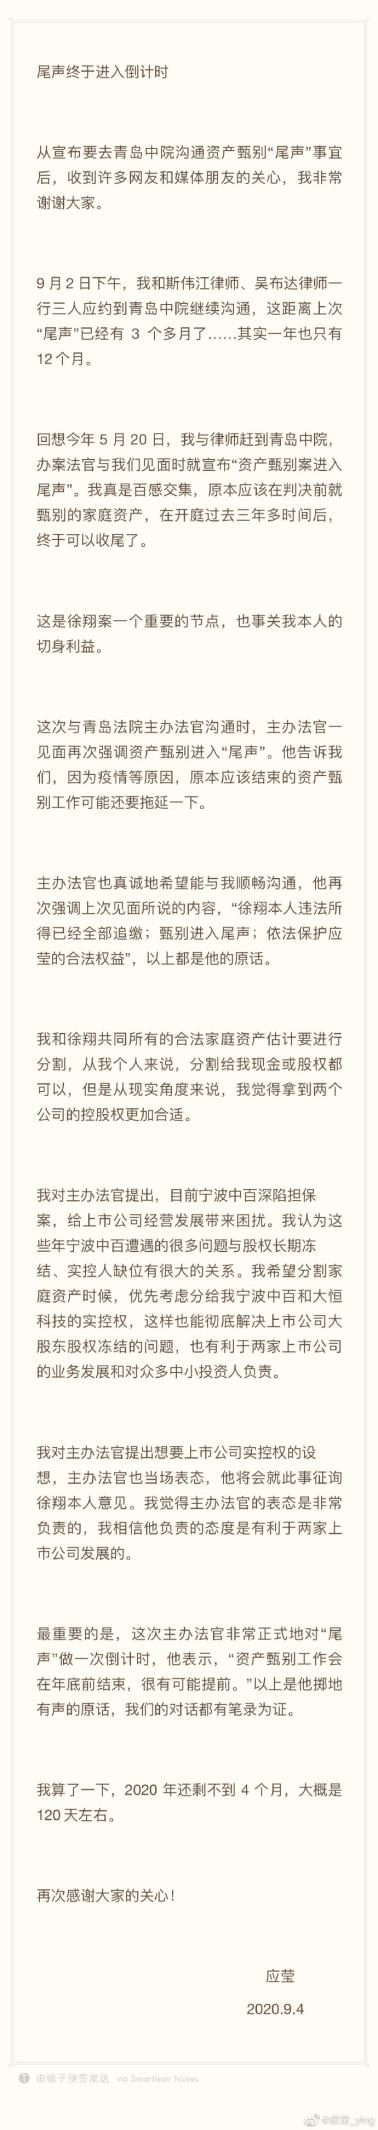 徐翔资产甄别有望年底前结束!徐妻应莹再度发声:希望优先拿到这两家上市公司实控权